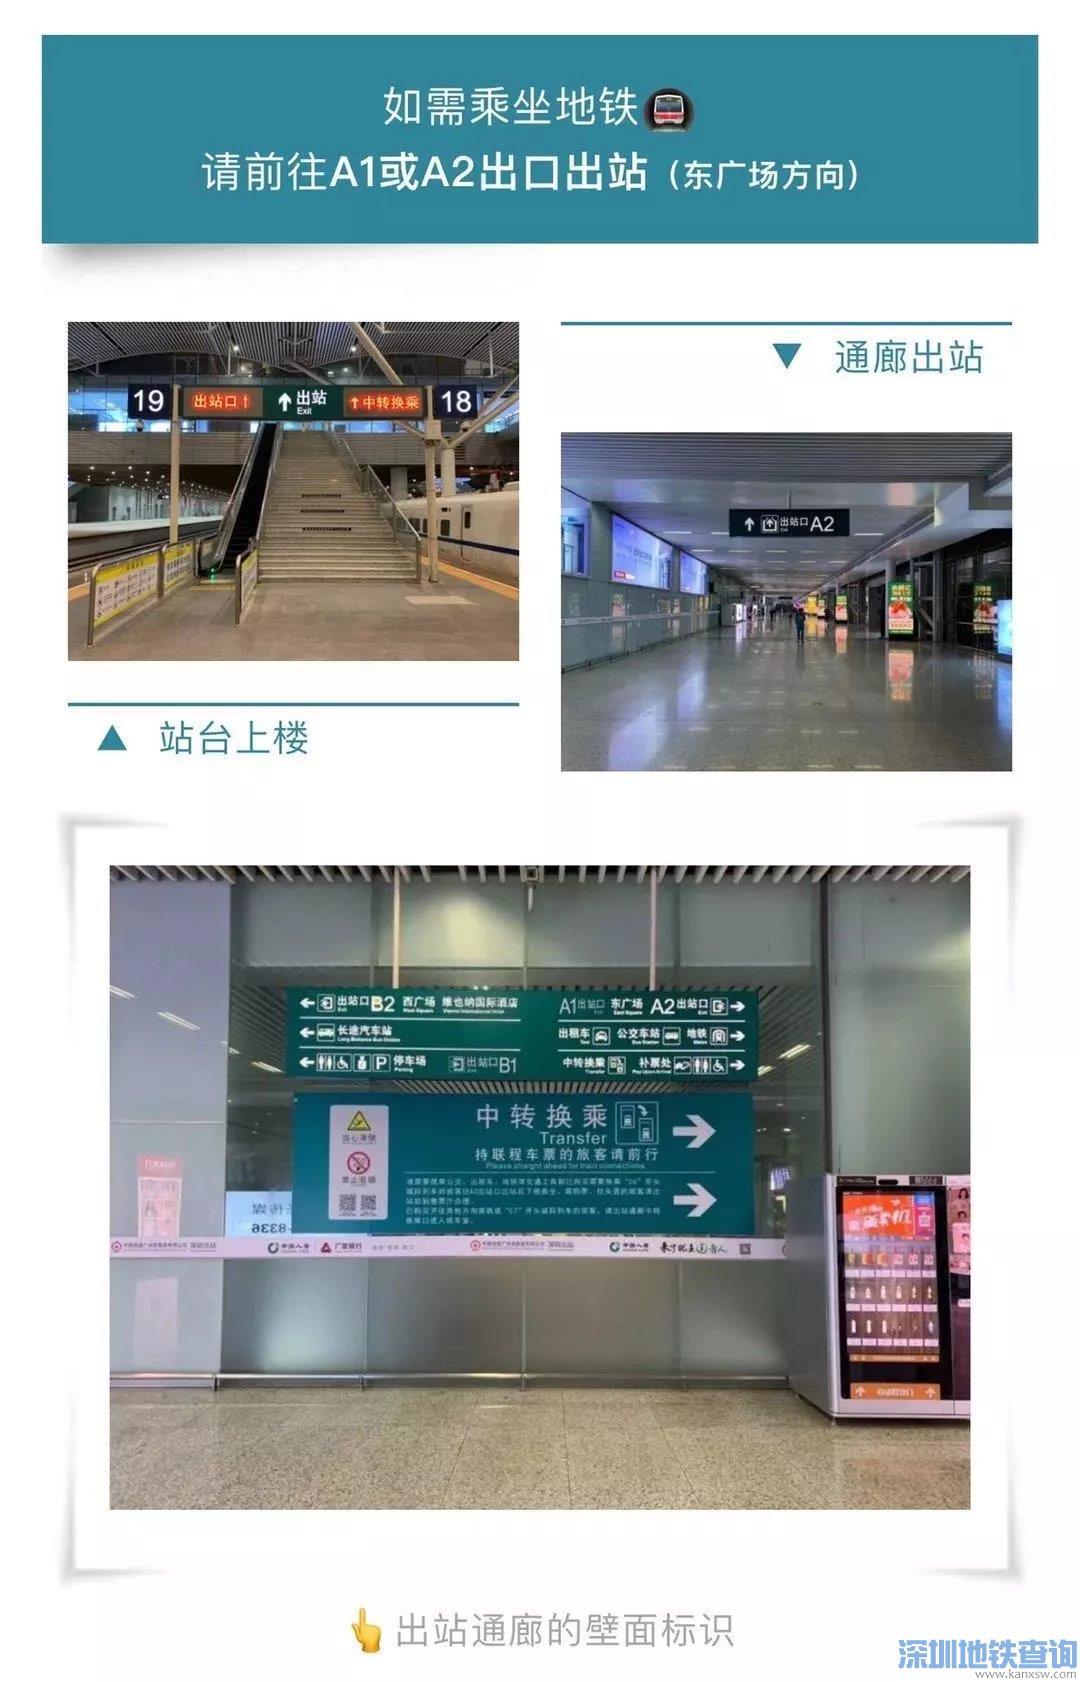 坐高铁到深圳北站后换乘地铁怎么走?乘坐公交从哪个出站口出?要去哪里打车?附地铁、公交、出租车换乘接驳方式